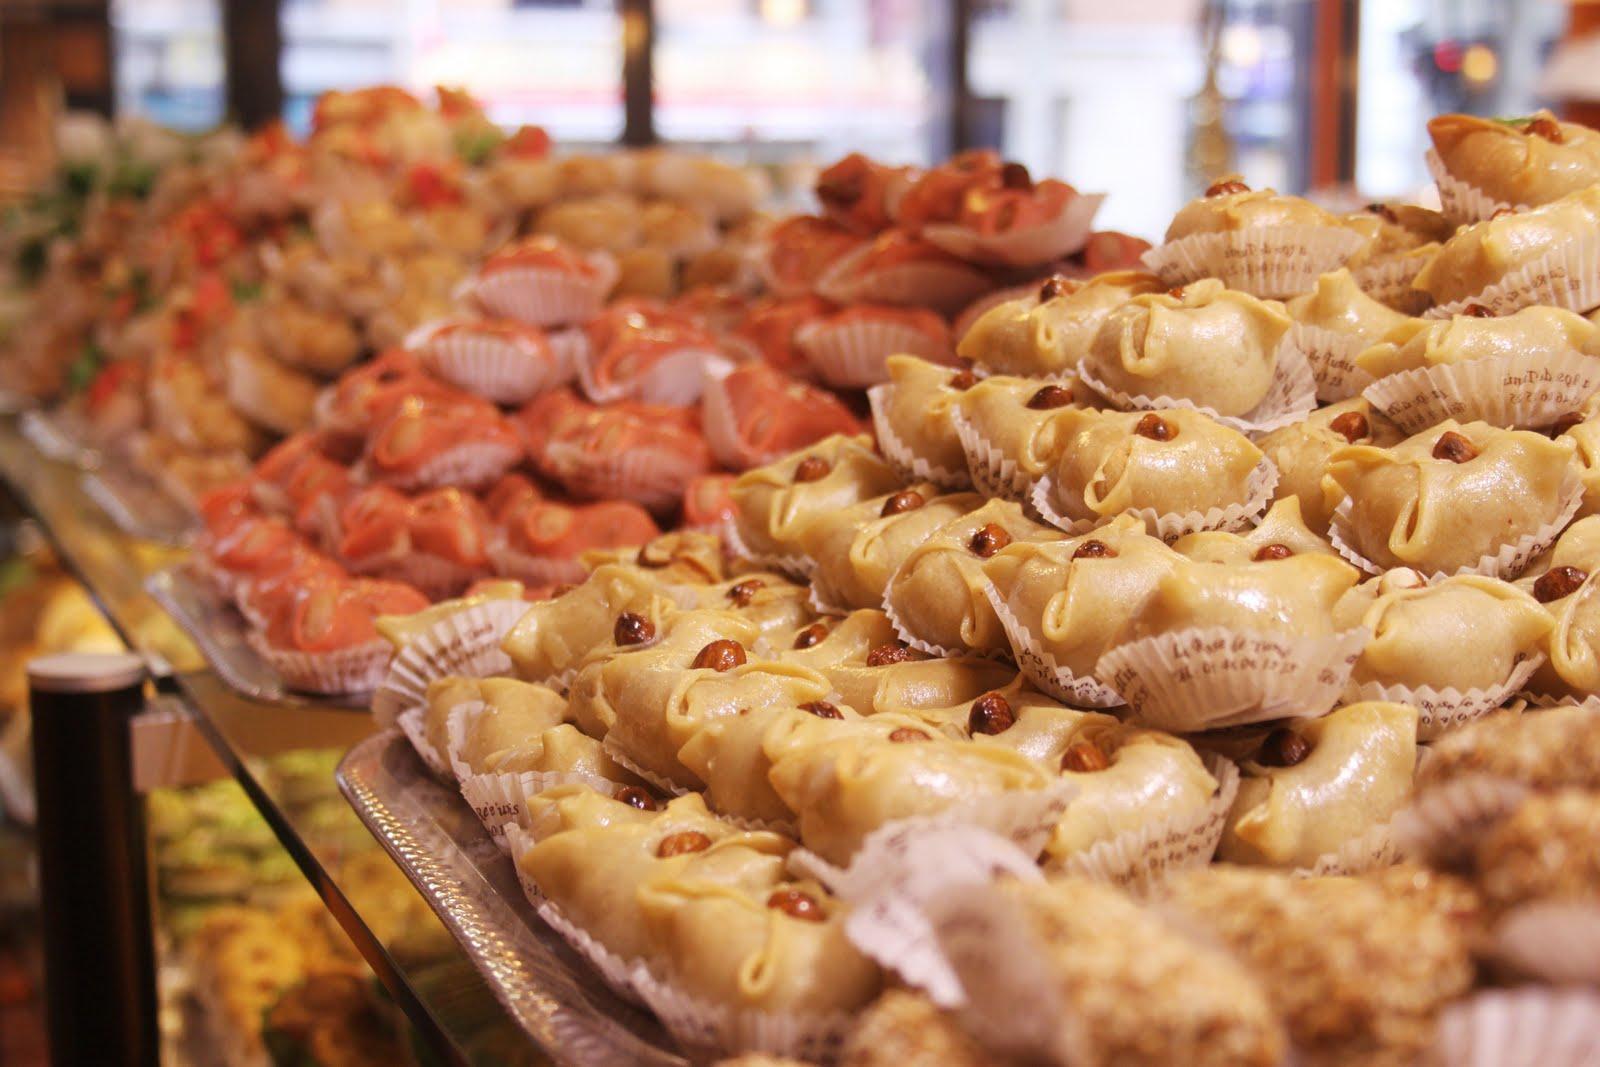 Vous découvrirez également la \u0026quot;rose des sables\u0026quot;, une pâtisserie étonnante en forme de spirale large.